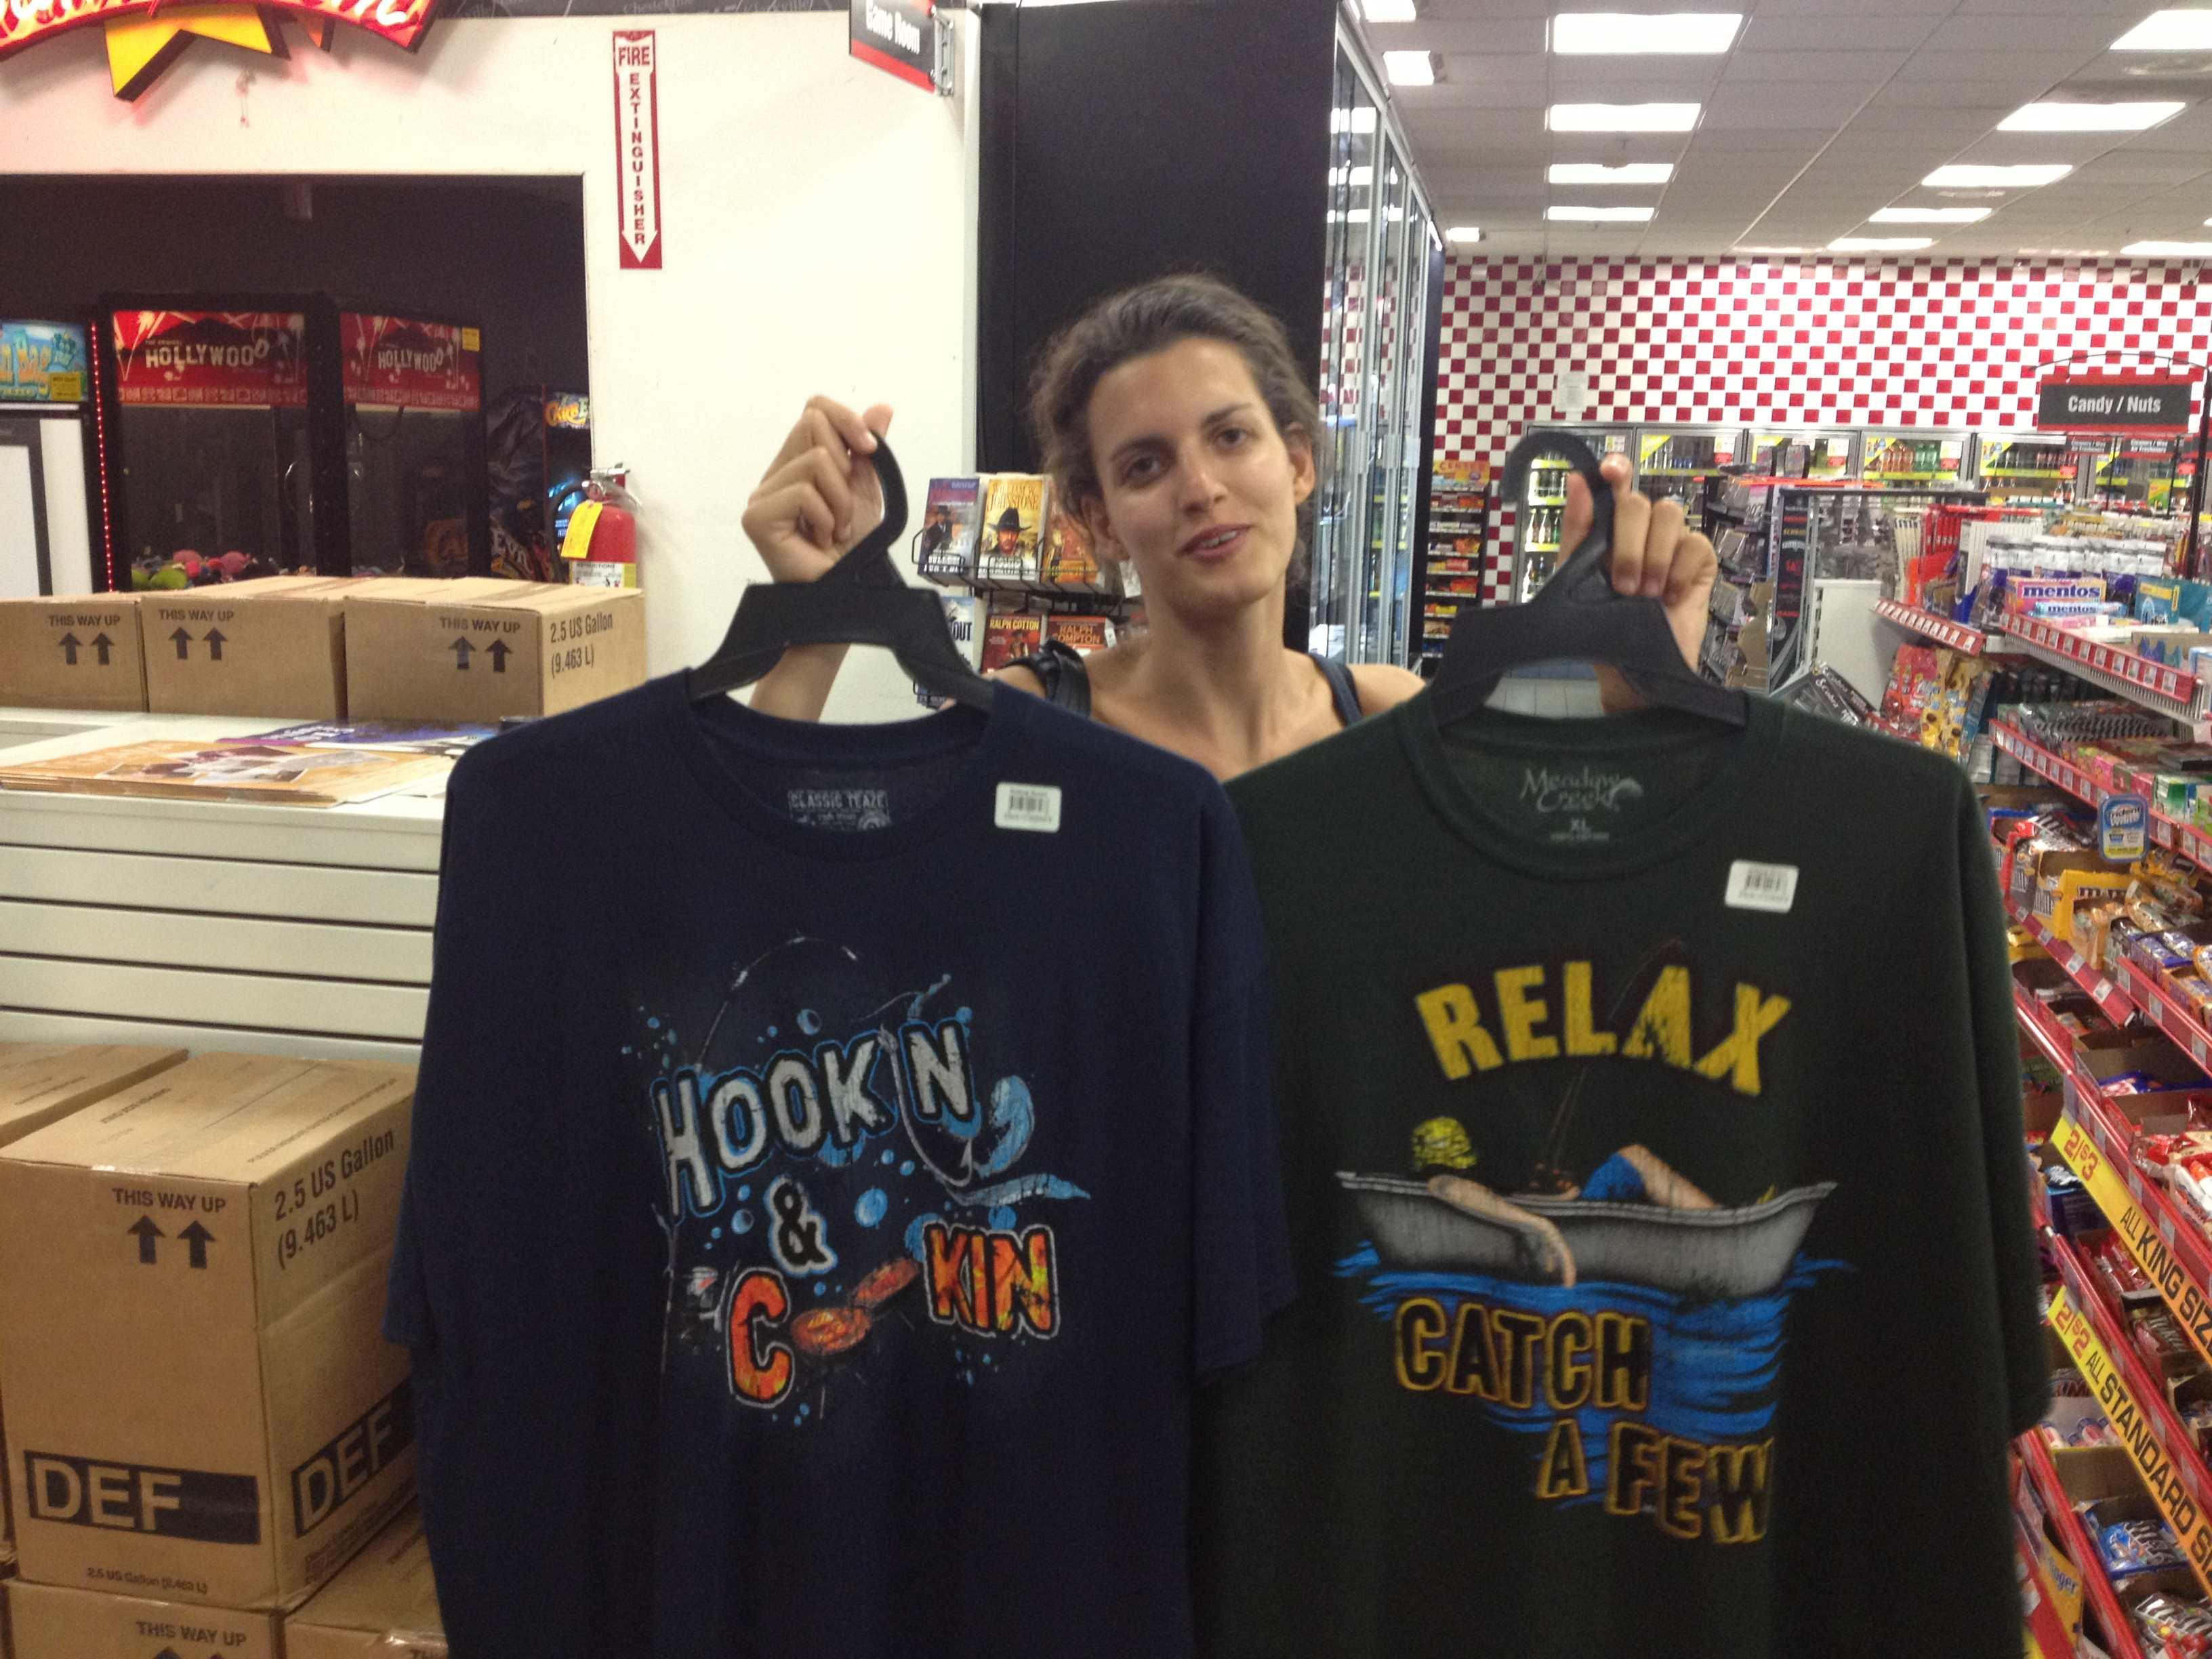 T-shirt al market di Cornig